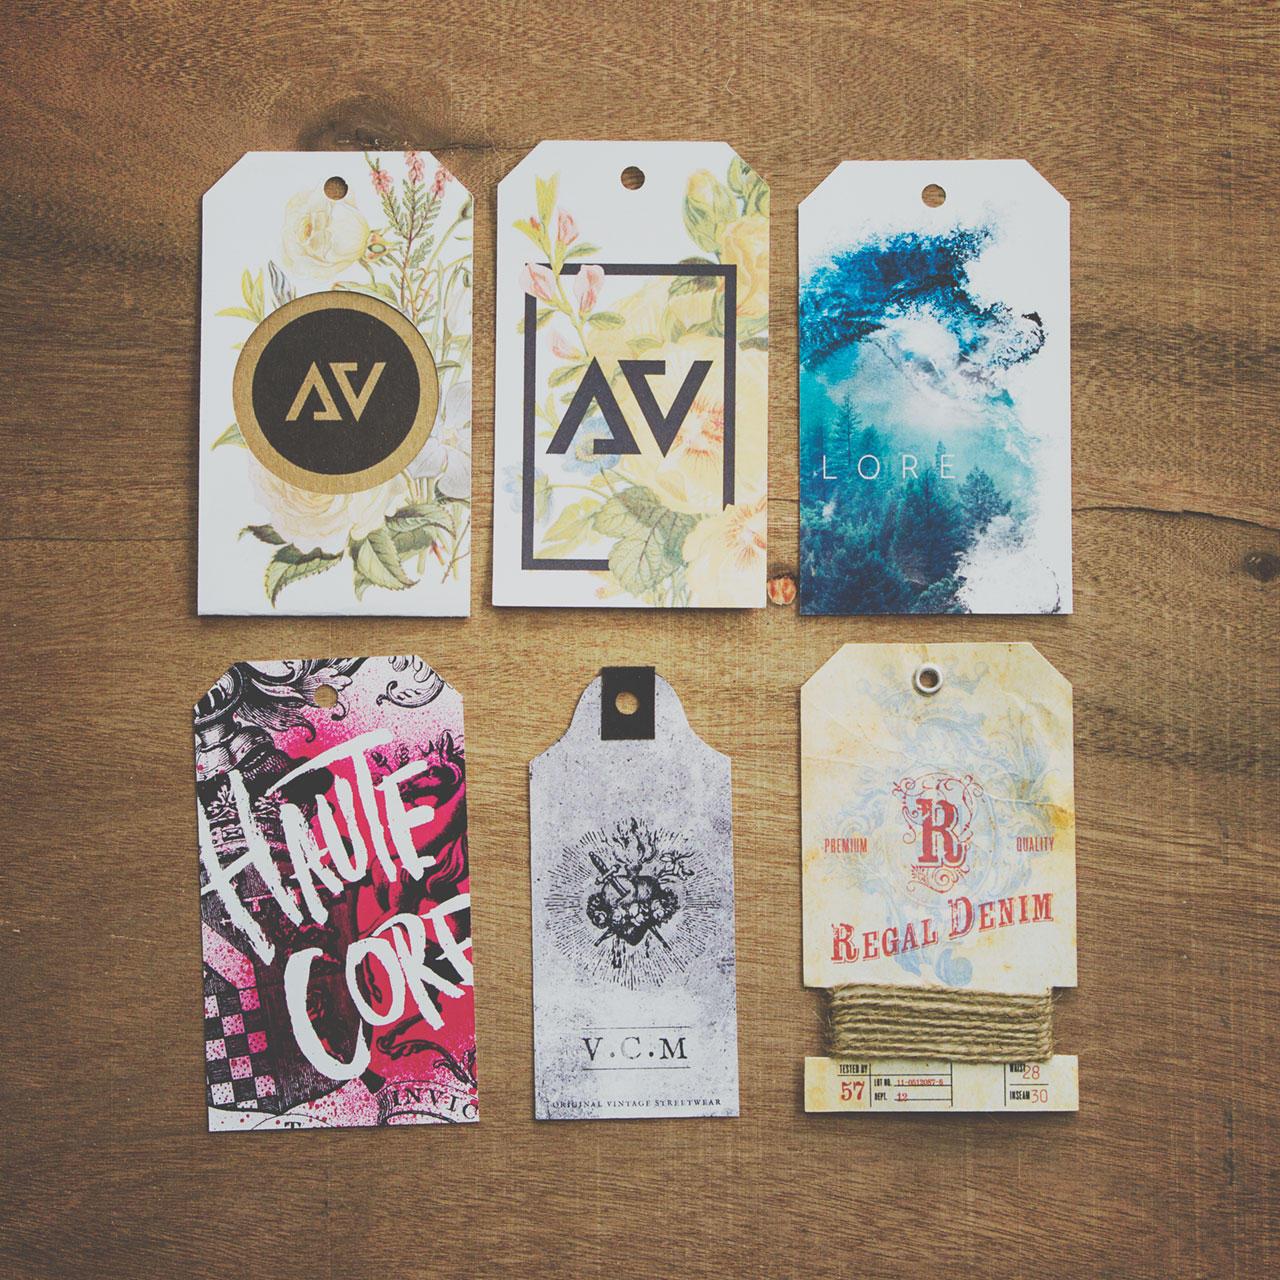 Fashion Apparel Hang Tags By Liquidcomet On Envato Studio